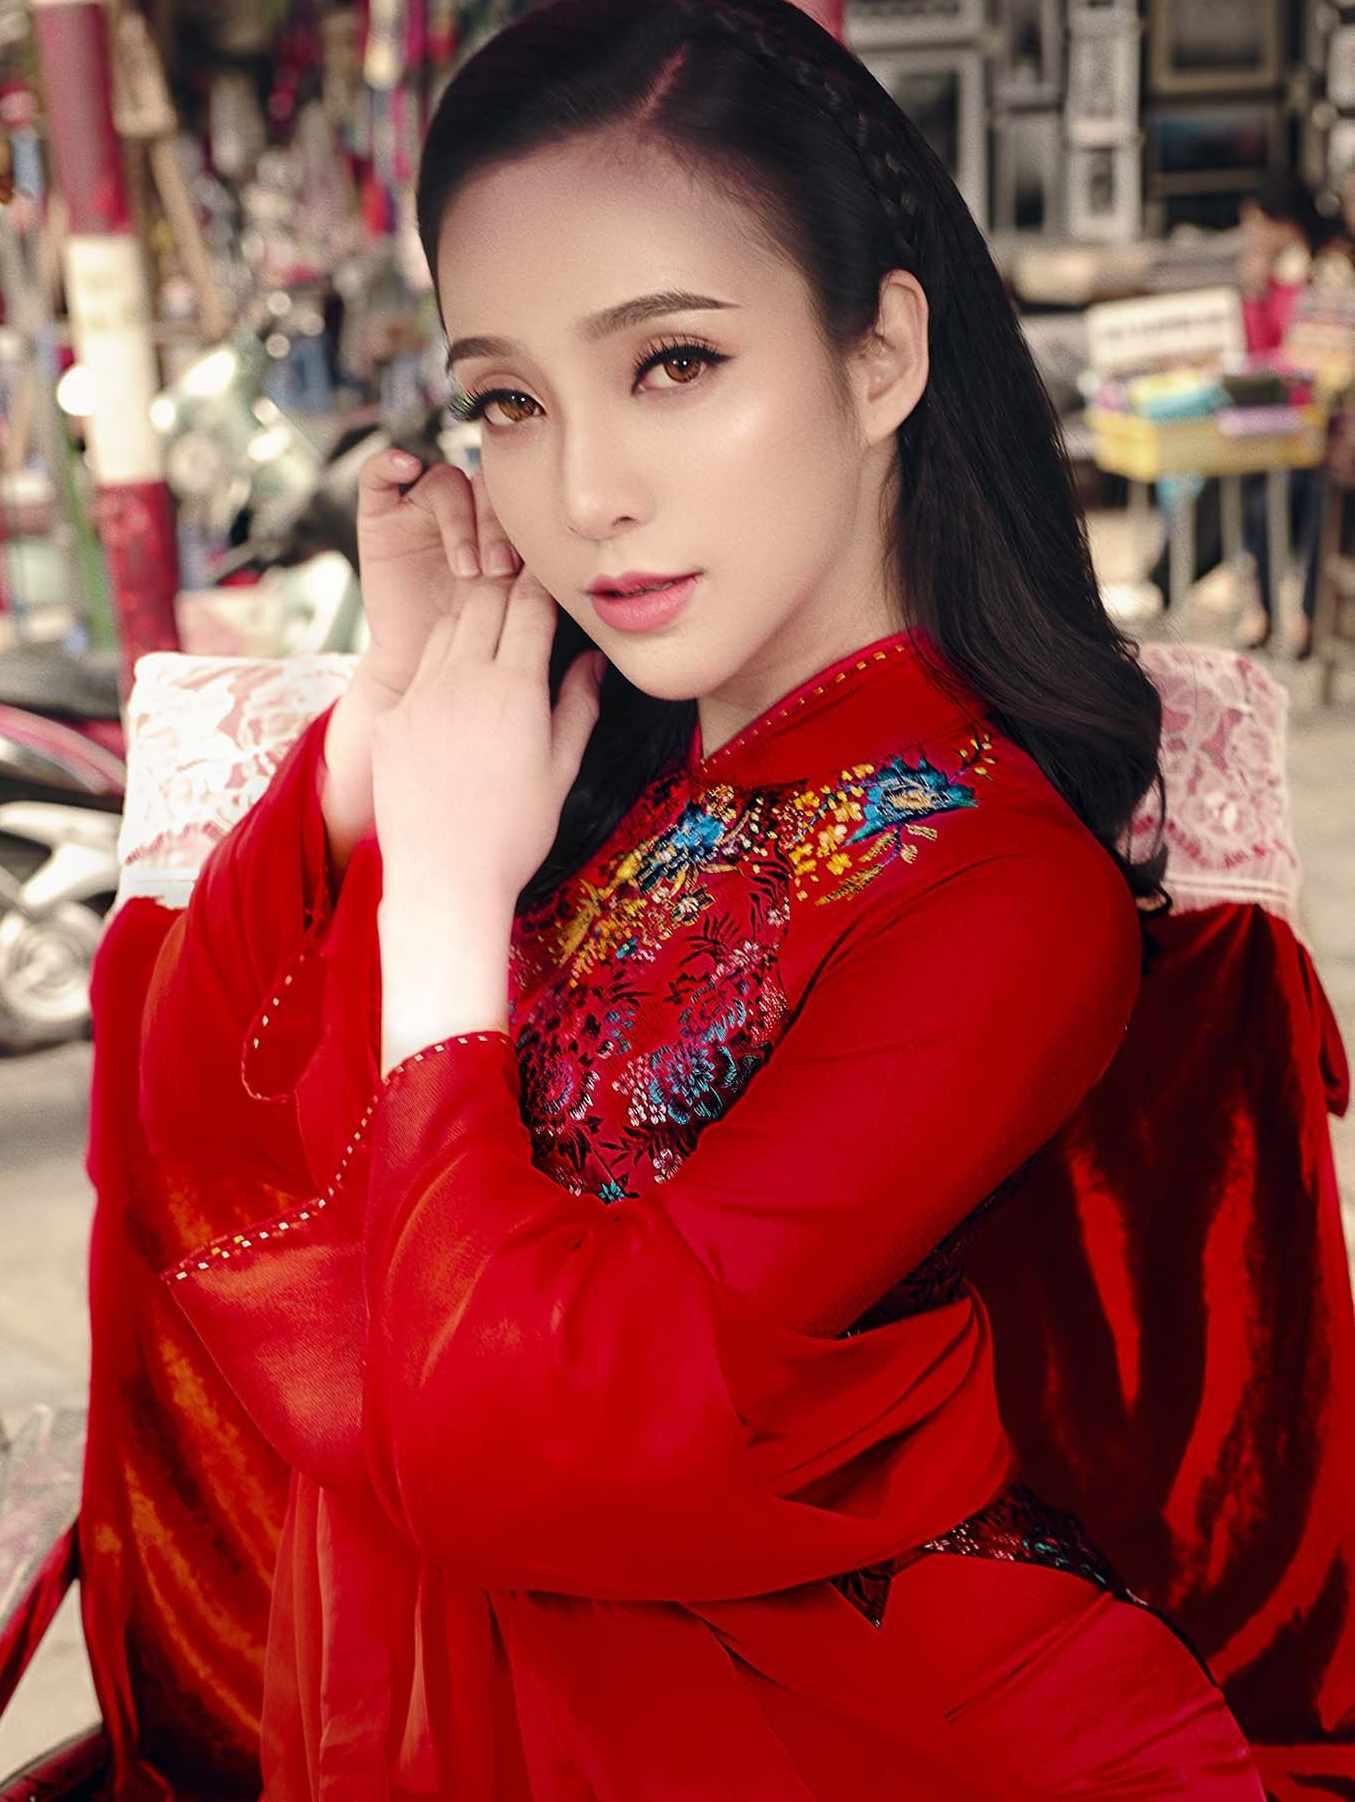 Áo dài cưới gấm đỏ - nét đẹp truyền thống sang trọng cho cô dâu Marry